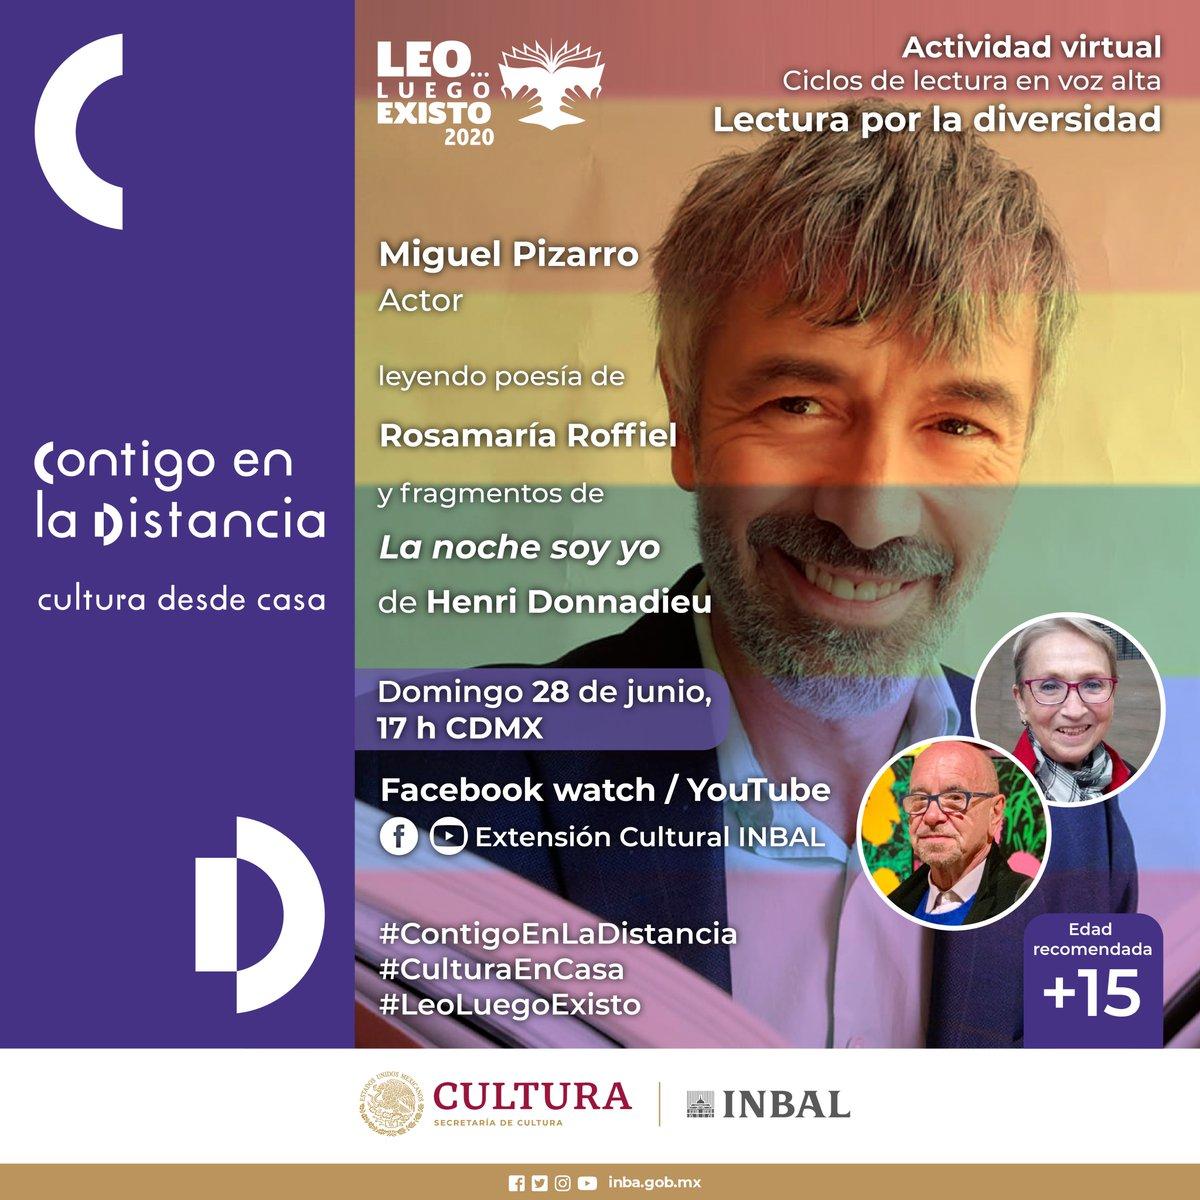 """#LecturaPorLaDiversidad  El actor Miguel Pizarro leerá poesía de la autora Rosamaría Roffiel y fragmentos de """"La noche soy yo"""" de Henri Donnadieu en #LeoLuegoExisto   Domingo 28 de junio, 17 h Lectura virtual a través de Facebook y YouTube  #ContigoEnLaDistancia #CulturaDesdeCasapic.twitter.com/irglF8JRVk"""